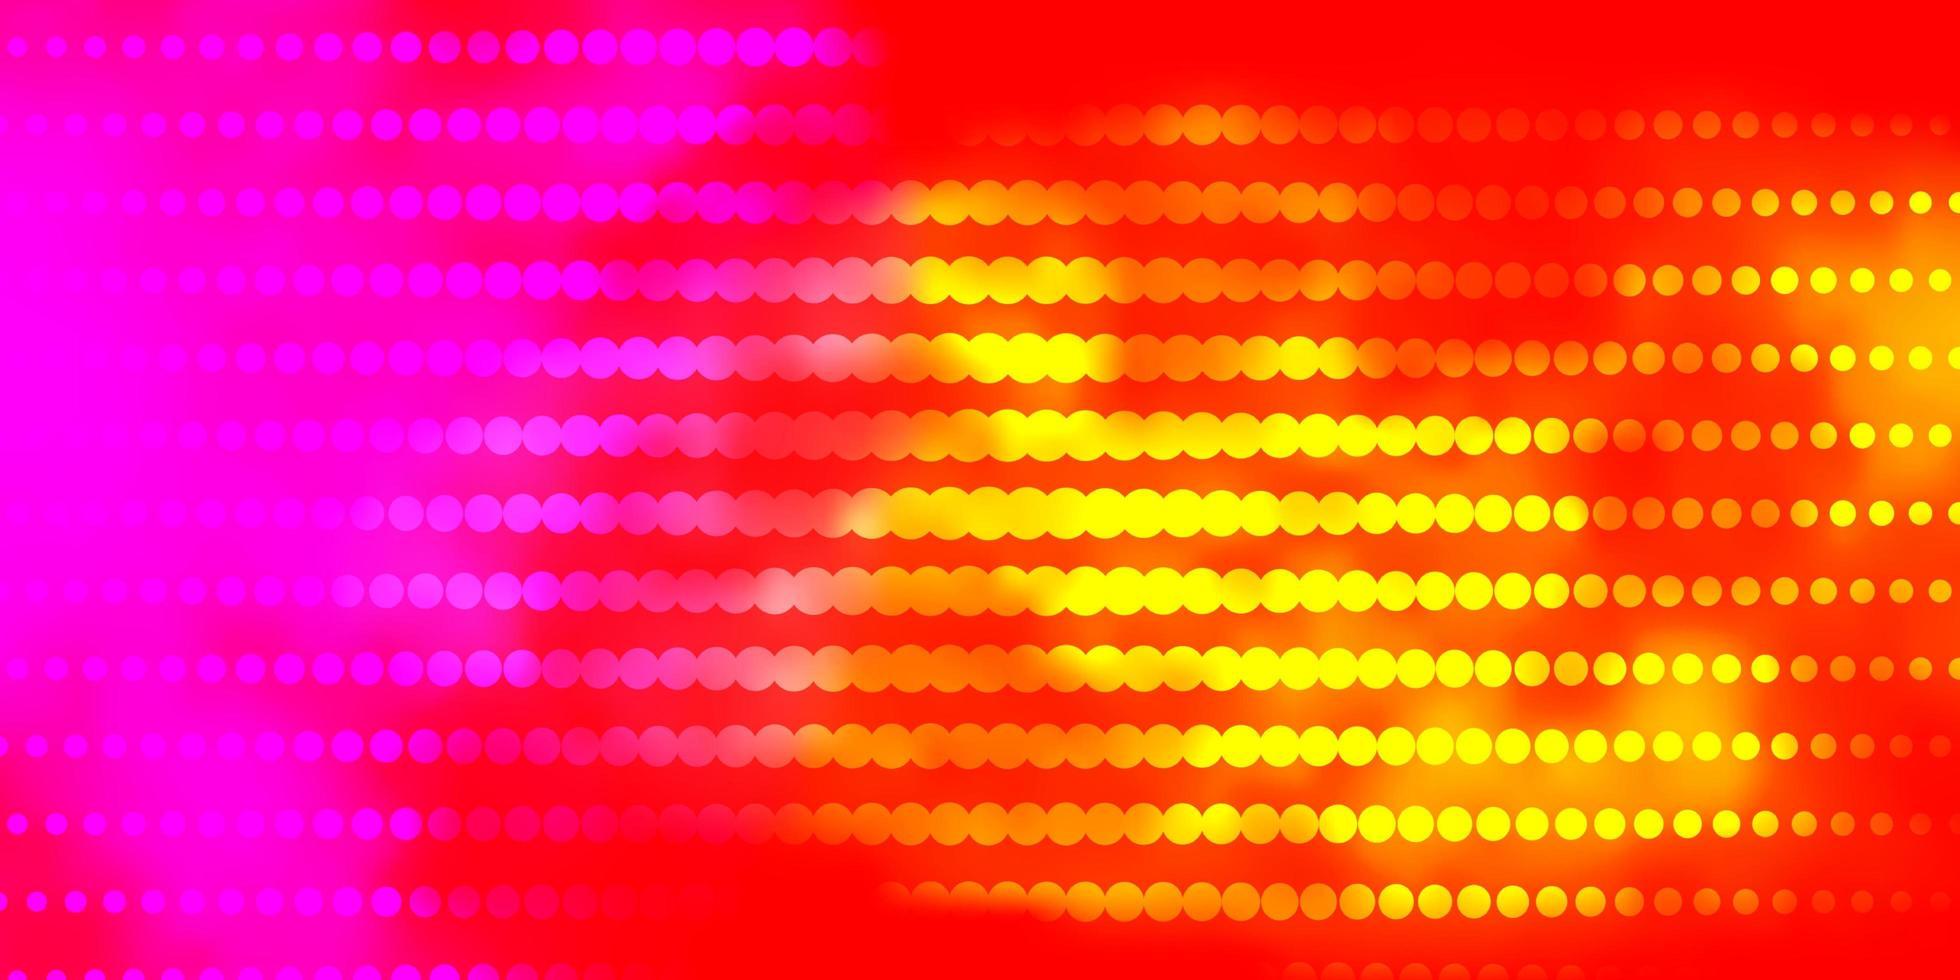 hellrosa, gelbes Vektorlayout mit Kreisen. vektor